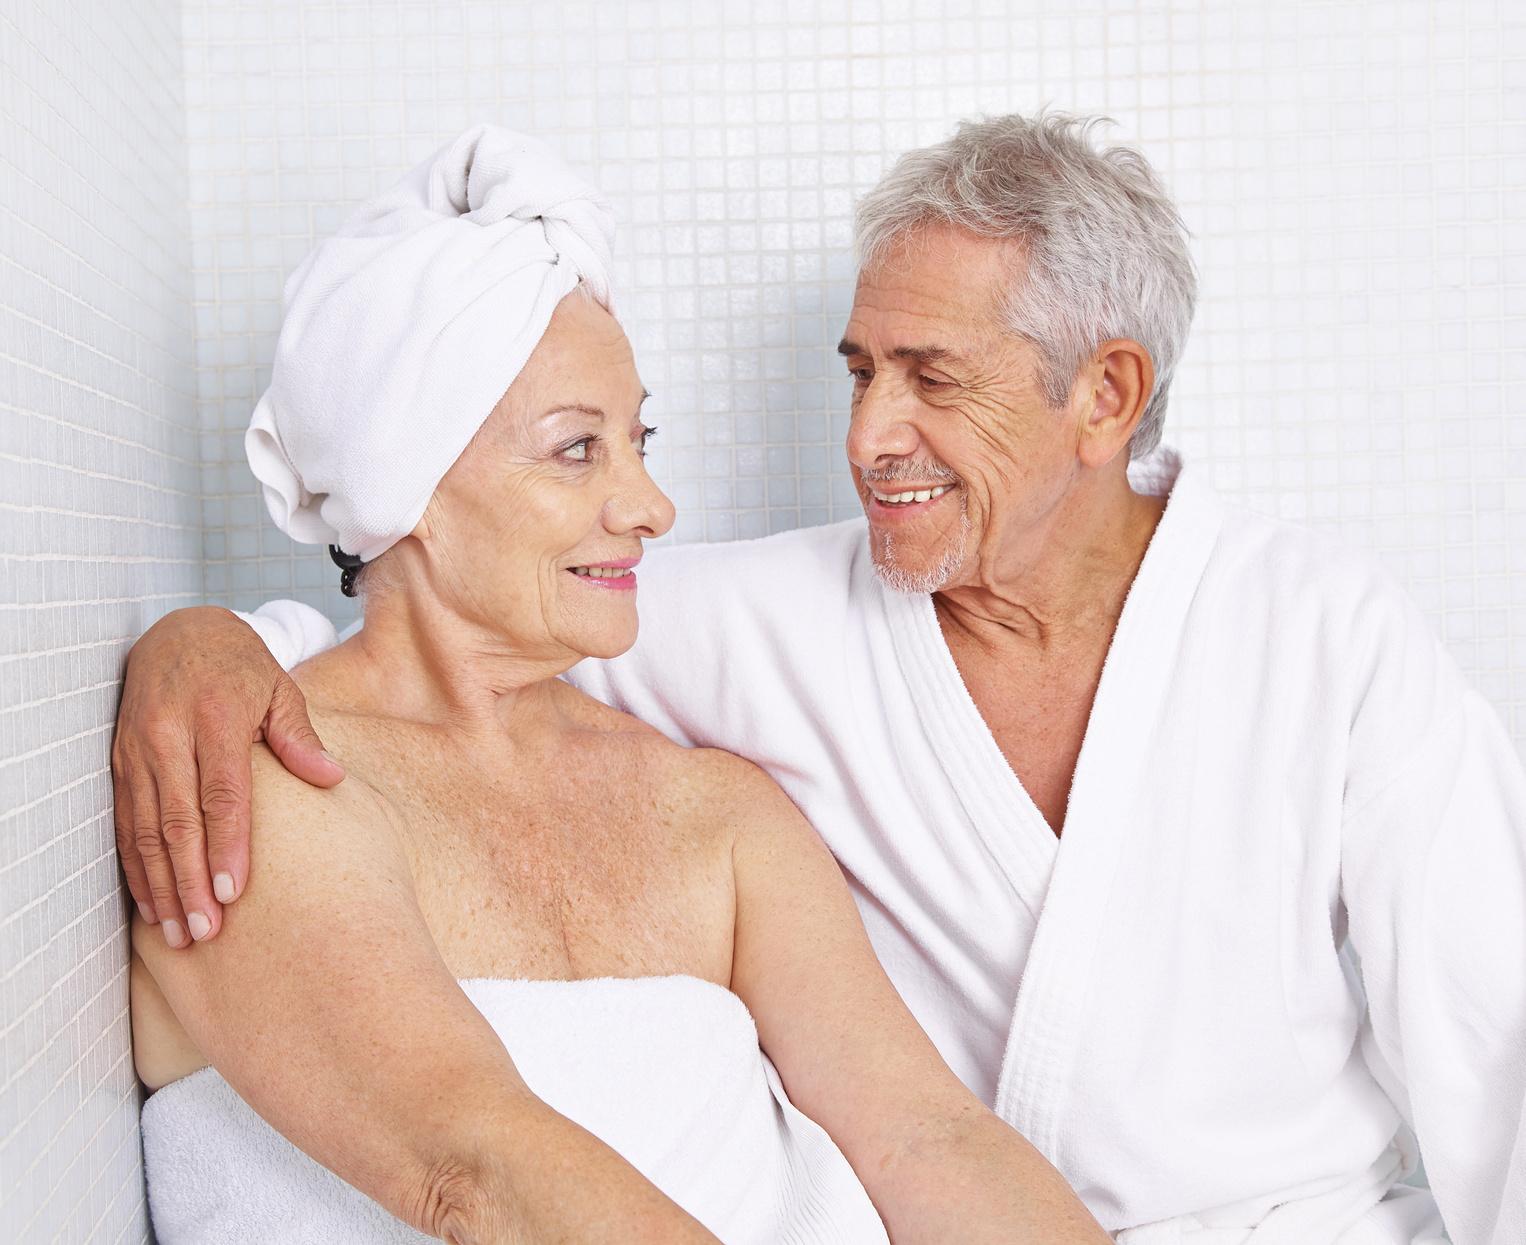 quiper une salle de bain pour une personne g e mieux vivre mon quotidien site infos senior. Black Bedroom Furniture Sets. Home Design Ideas